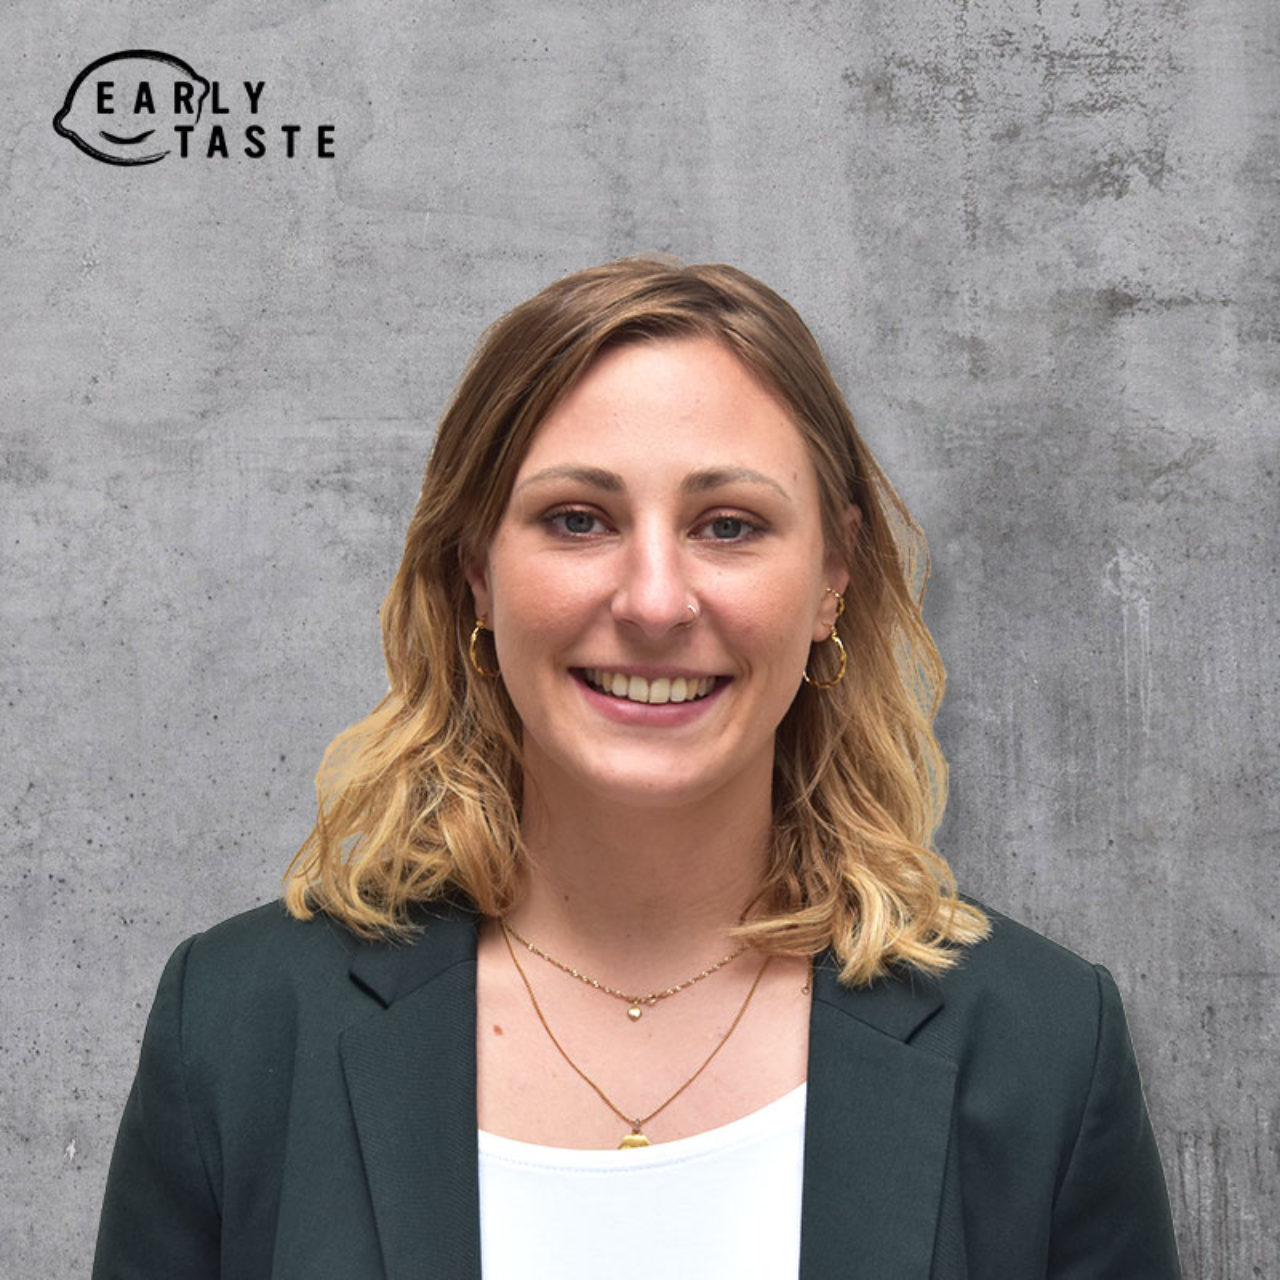 Inga Piepenbrock - Ihre Ansprechpartnerin im Kundenservice